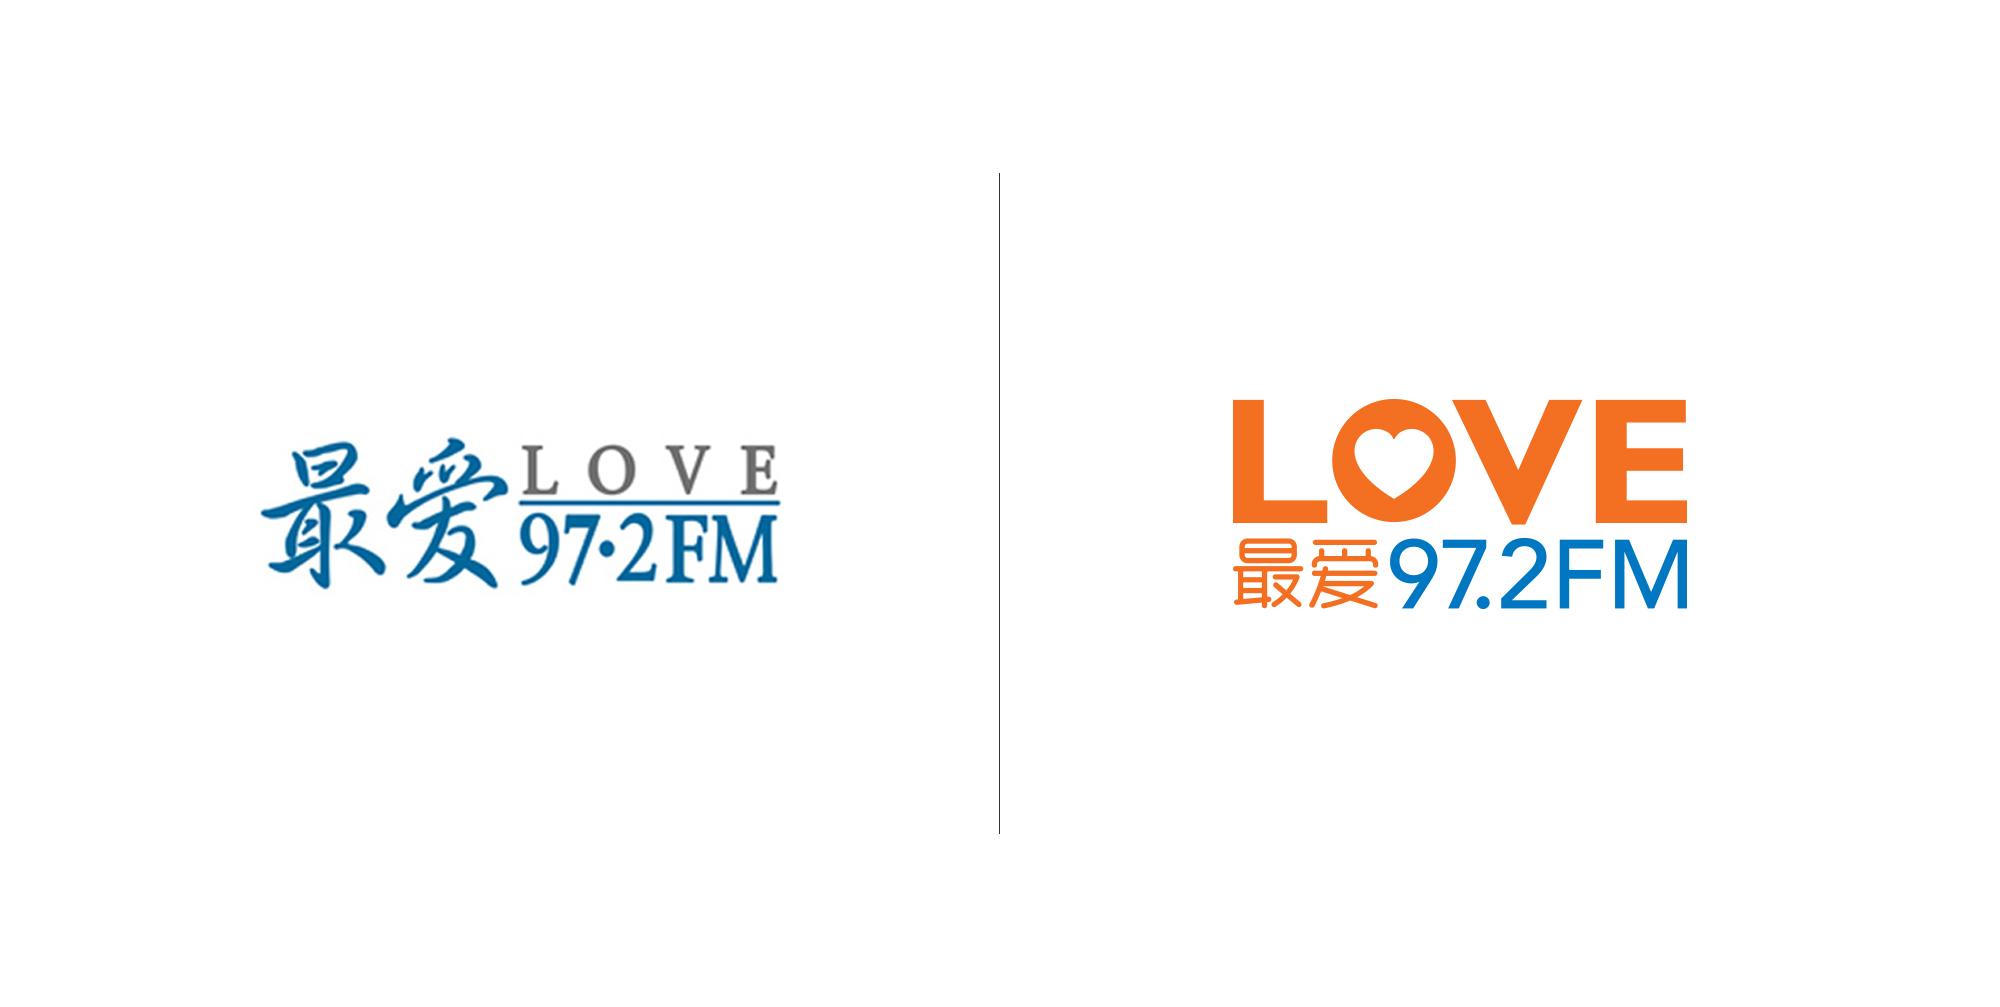 Previous Logo Comparison